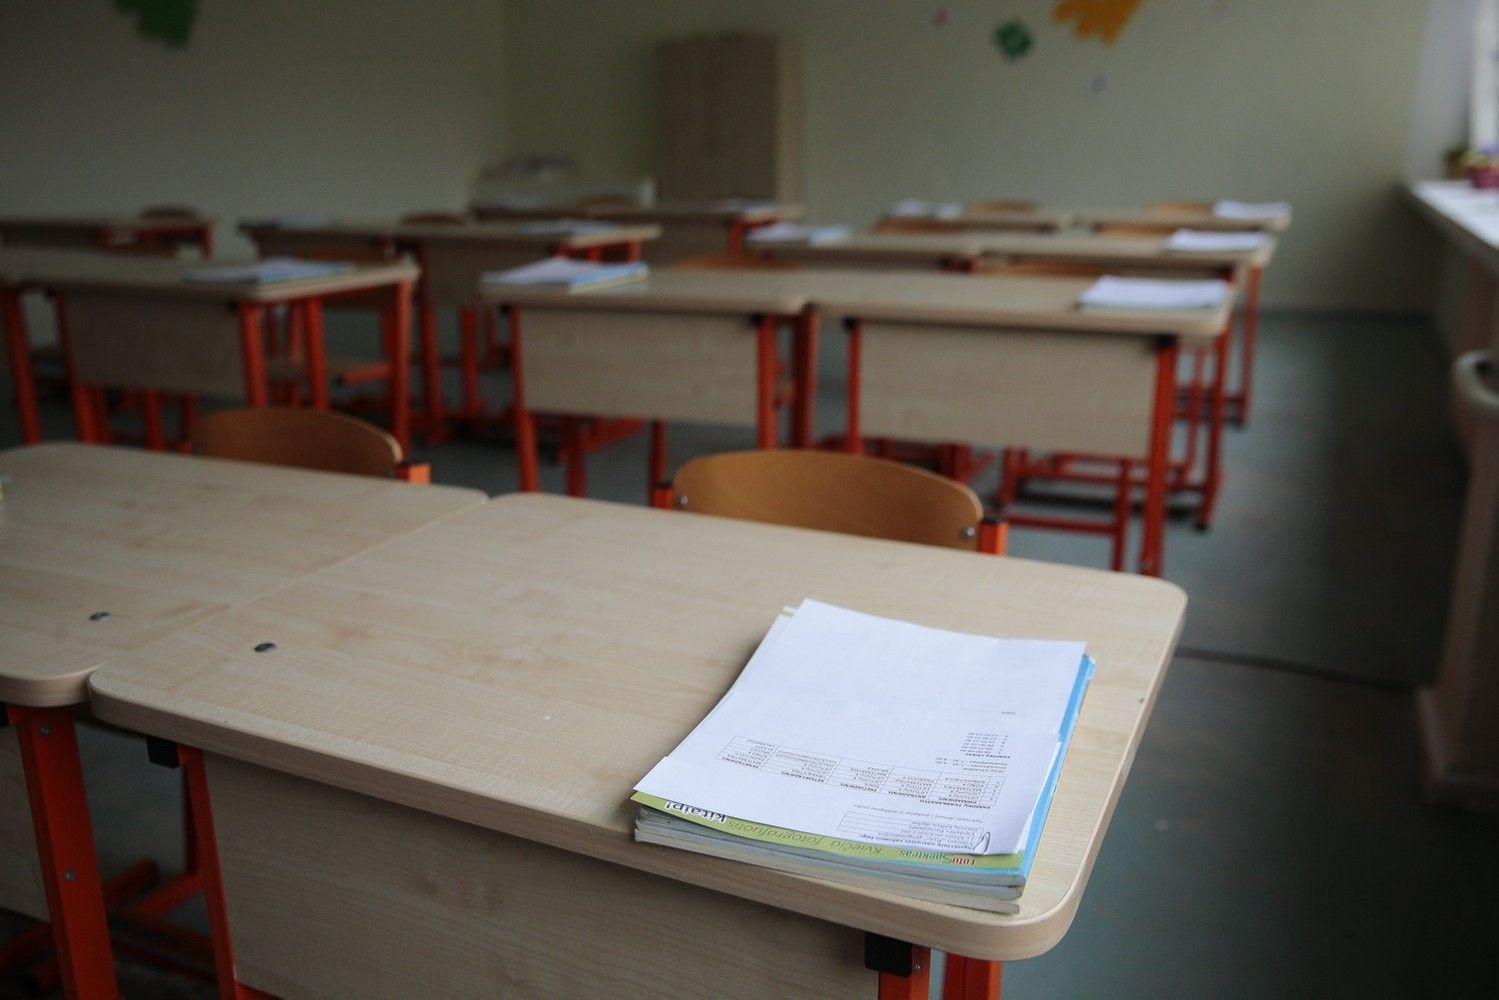 Sprendimas dėl etatinio pedagogų apmokėjimo Seimeatidėtas